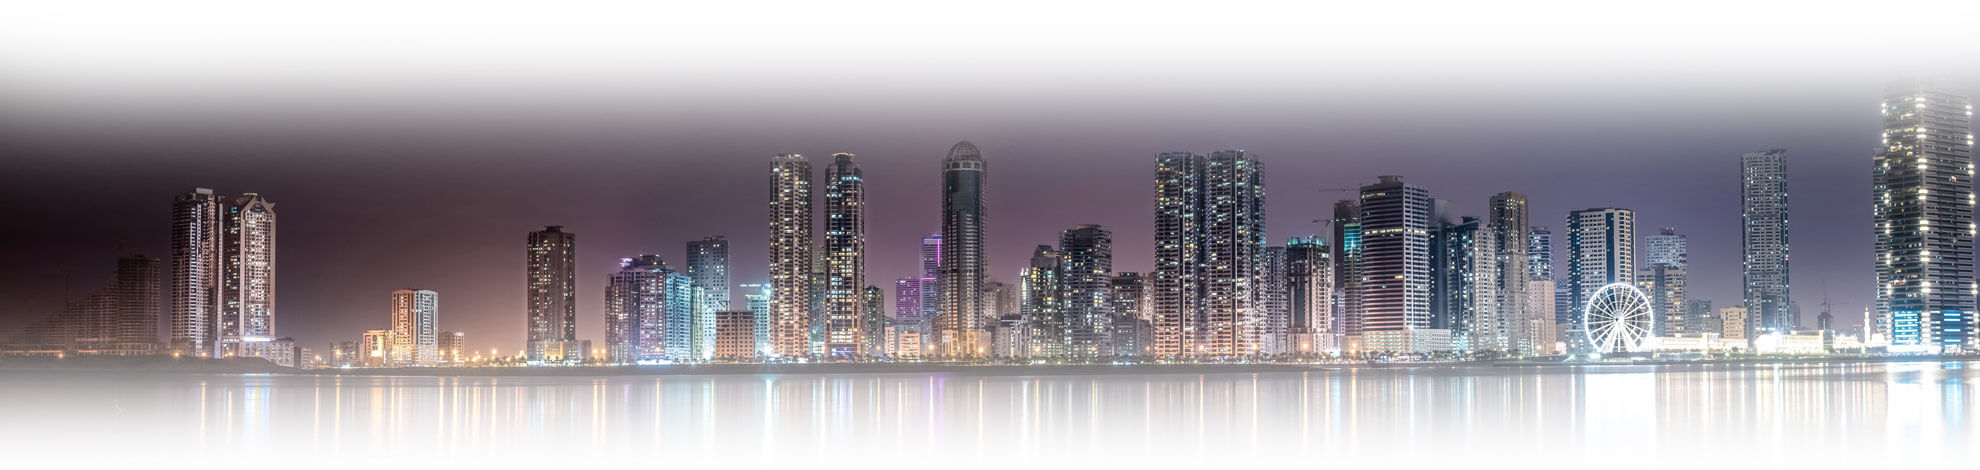 skyline,city,עיר